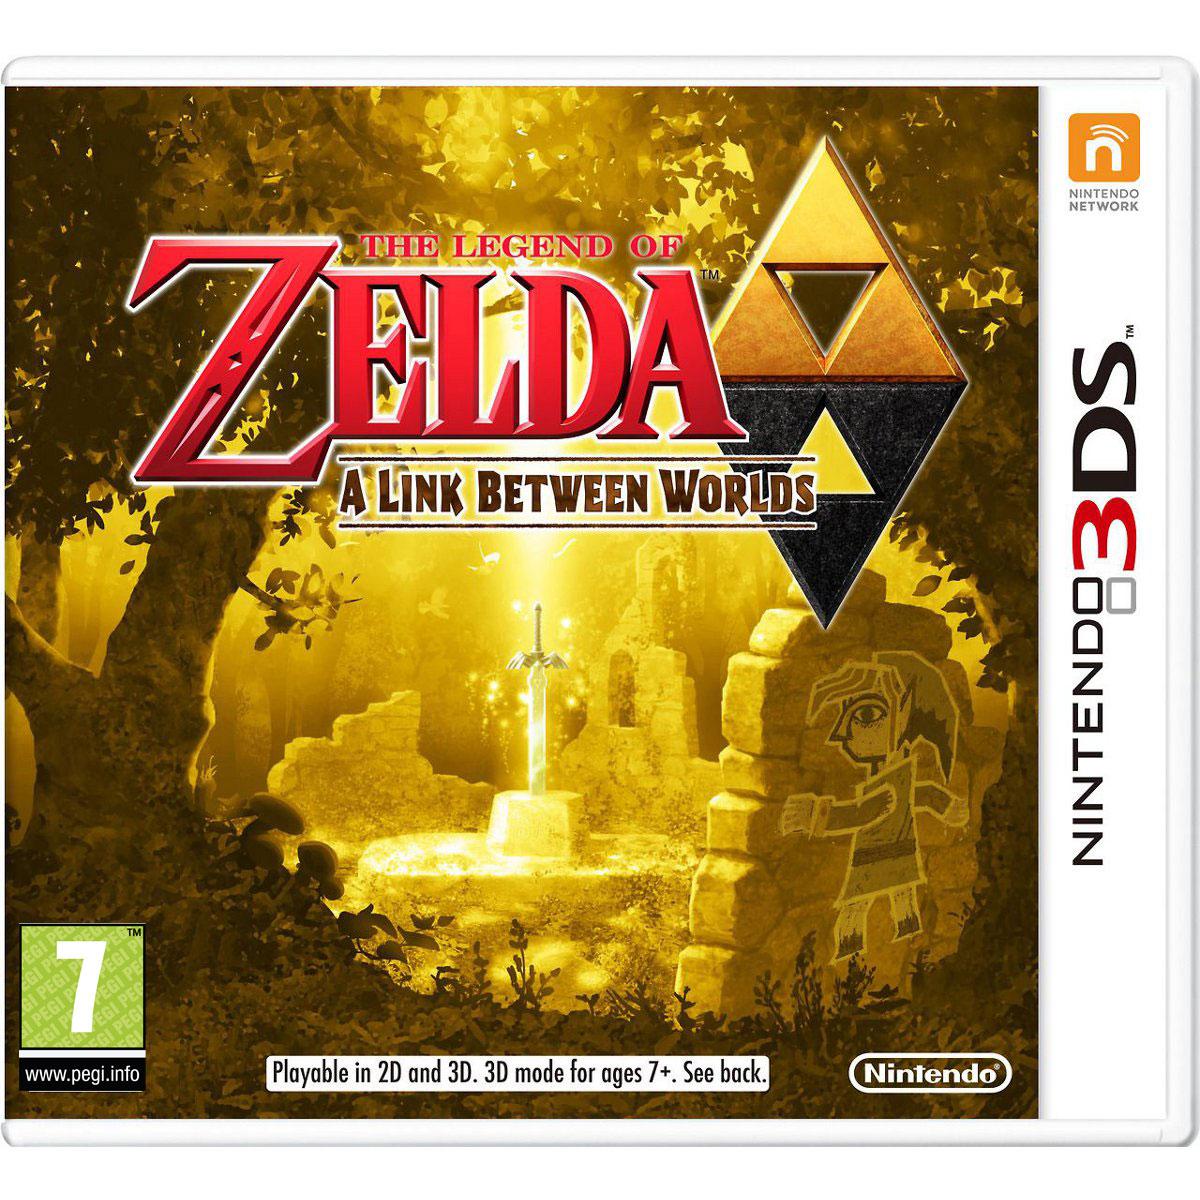 Jeux Nintendo 3DS The Legend of Zelda : A Link between Worlds (Nintendo 3DS/2DS) The Legend of Zelda : A Link between Worlds (Nintendo 3DS/2DS)